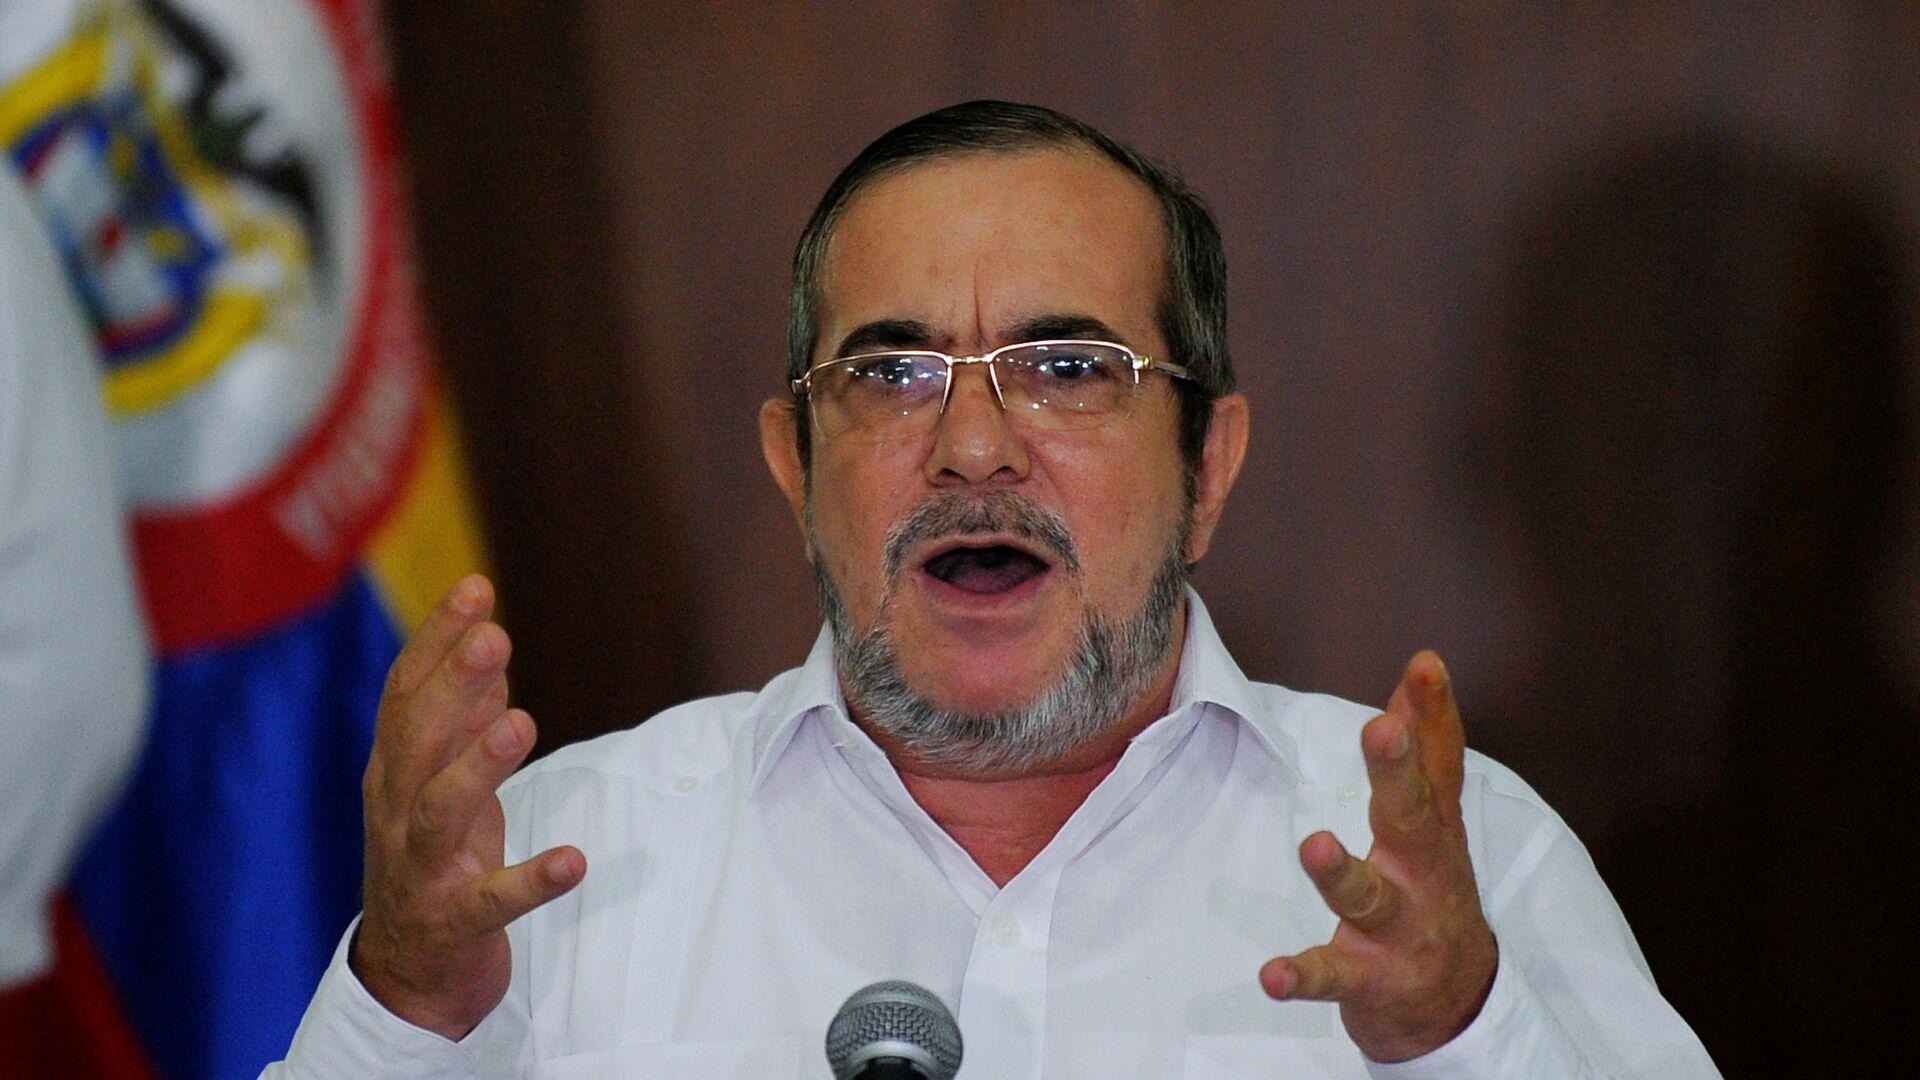 Rodrigo Londoño, alias 'Timochenko', el líder del partido colombiano FARC  - Sputnik Mundo, 1920, 03.02.2021